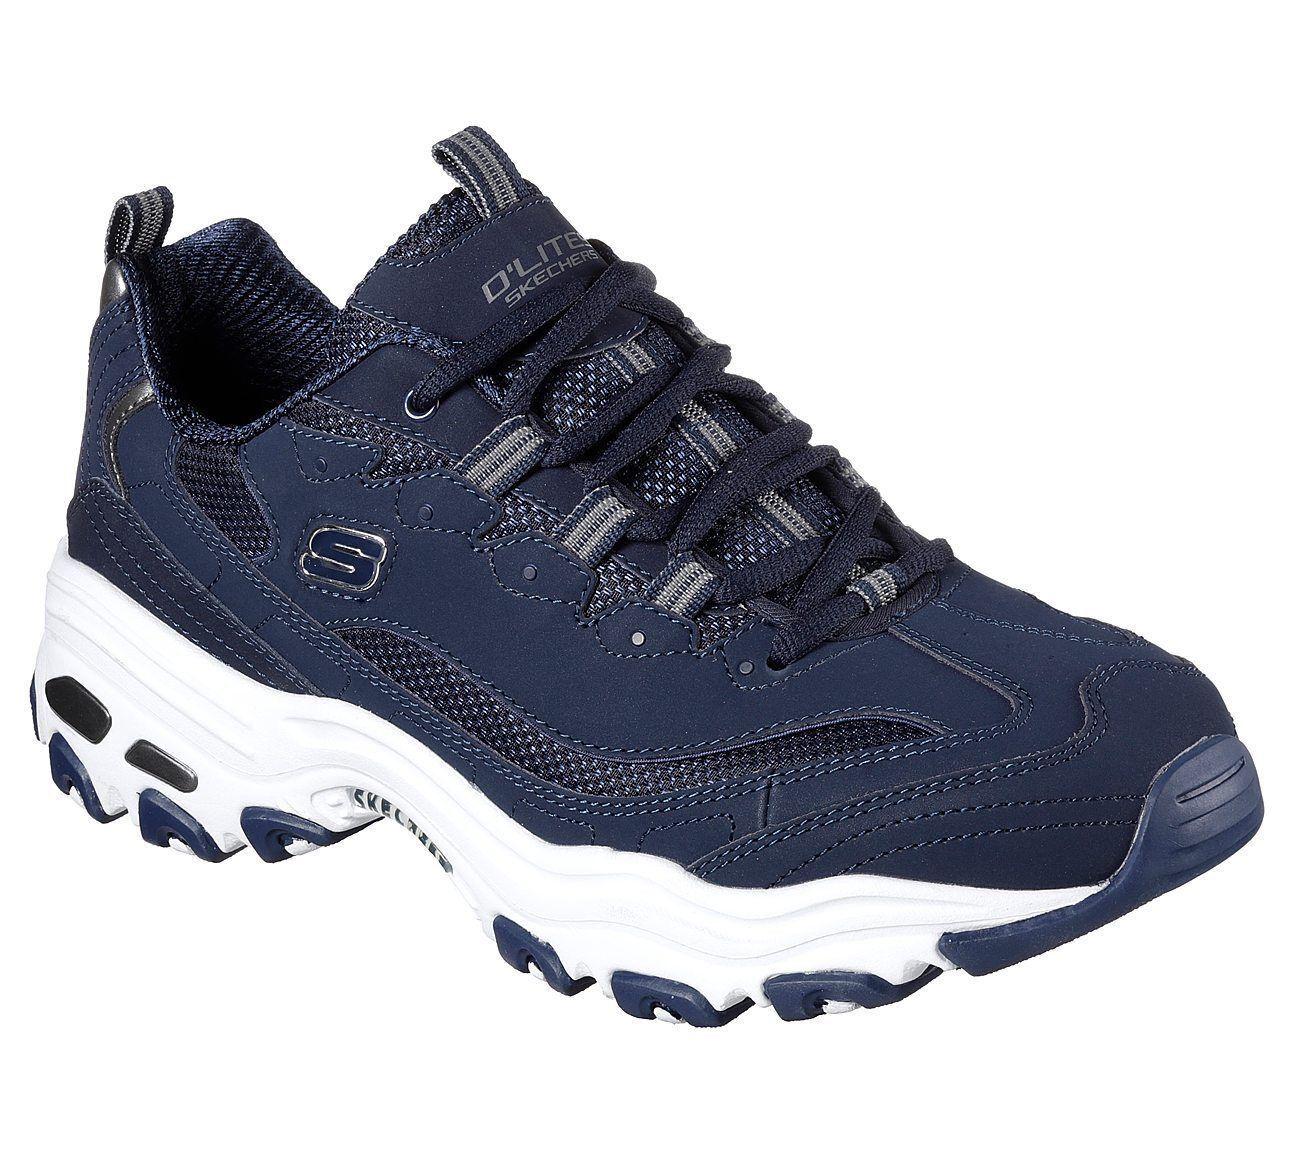 Para Hombre Azul Marino Skechers D'Lites Zapatos Tenis 52675 Memory Cuero Casuales acolchado suave